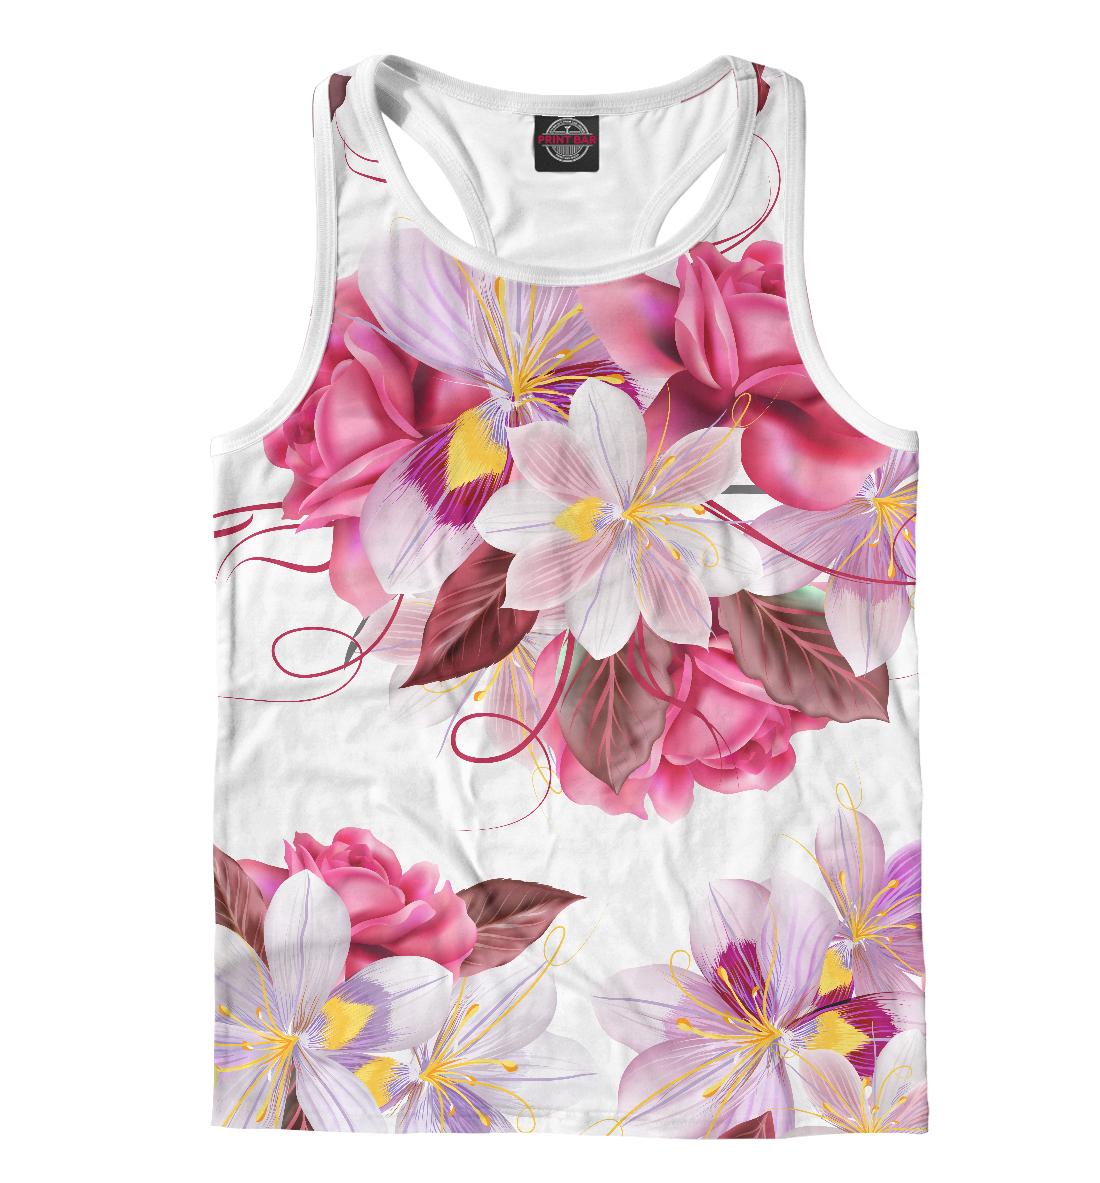 Купить Прекрасные цветы, Printbar, Майки борцовки, CVE-210208-mayb-2